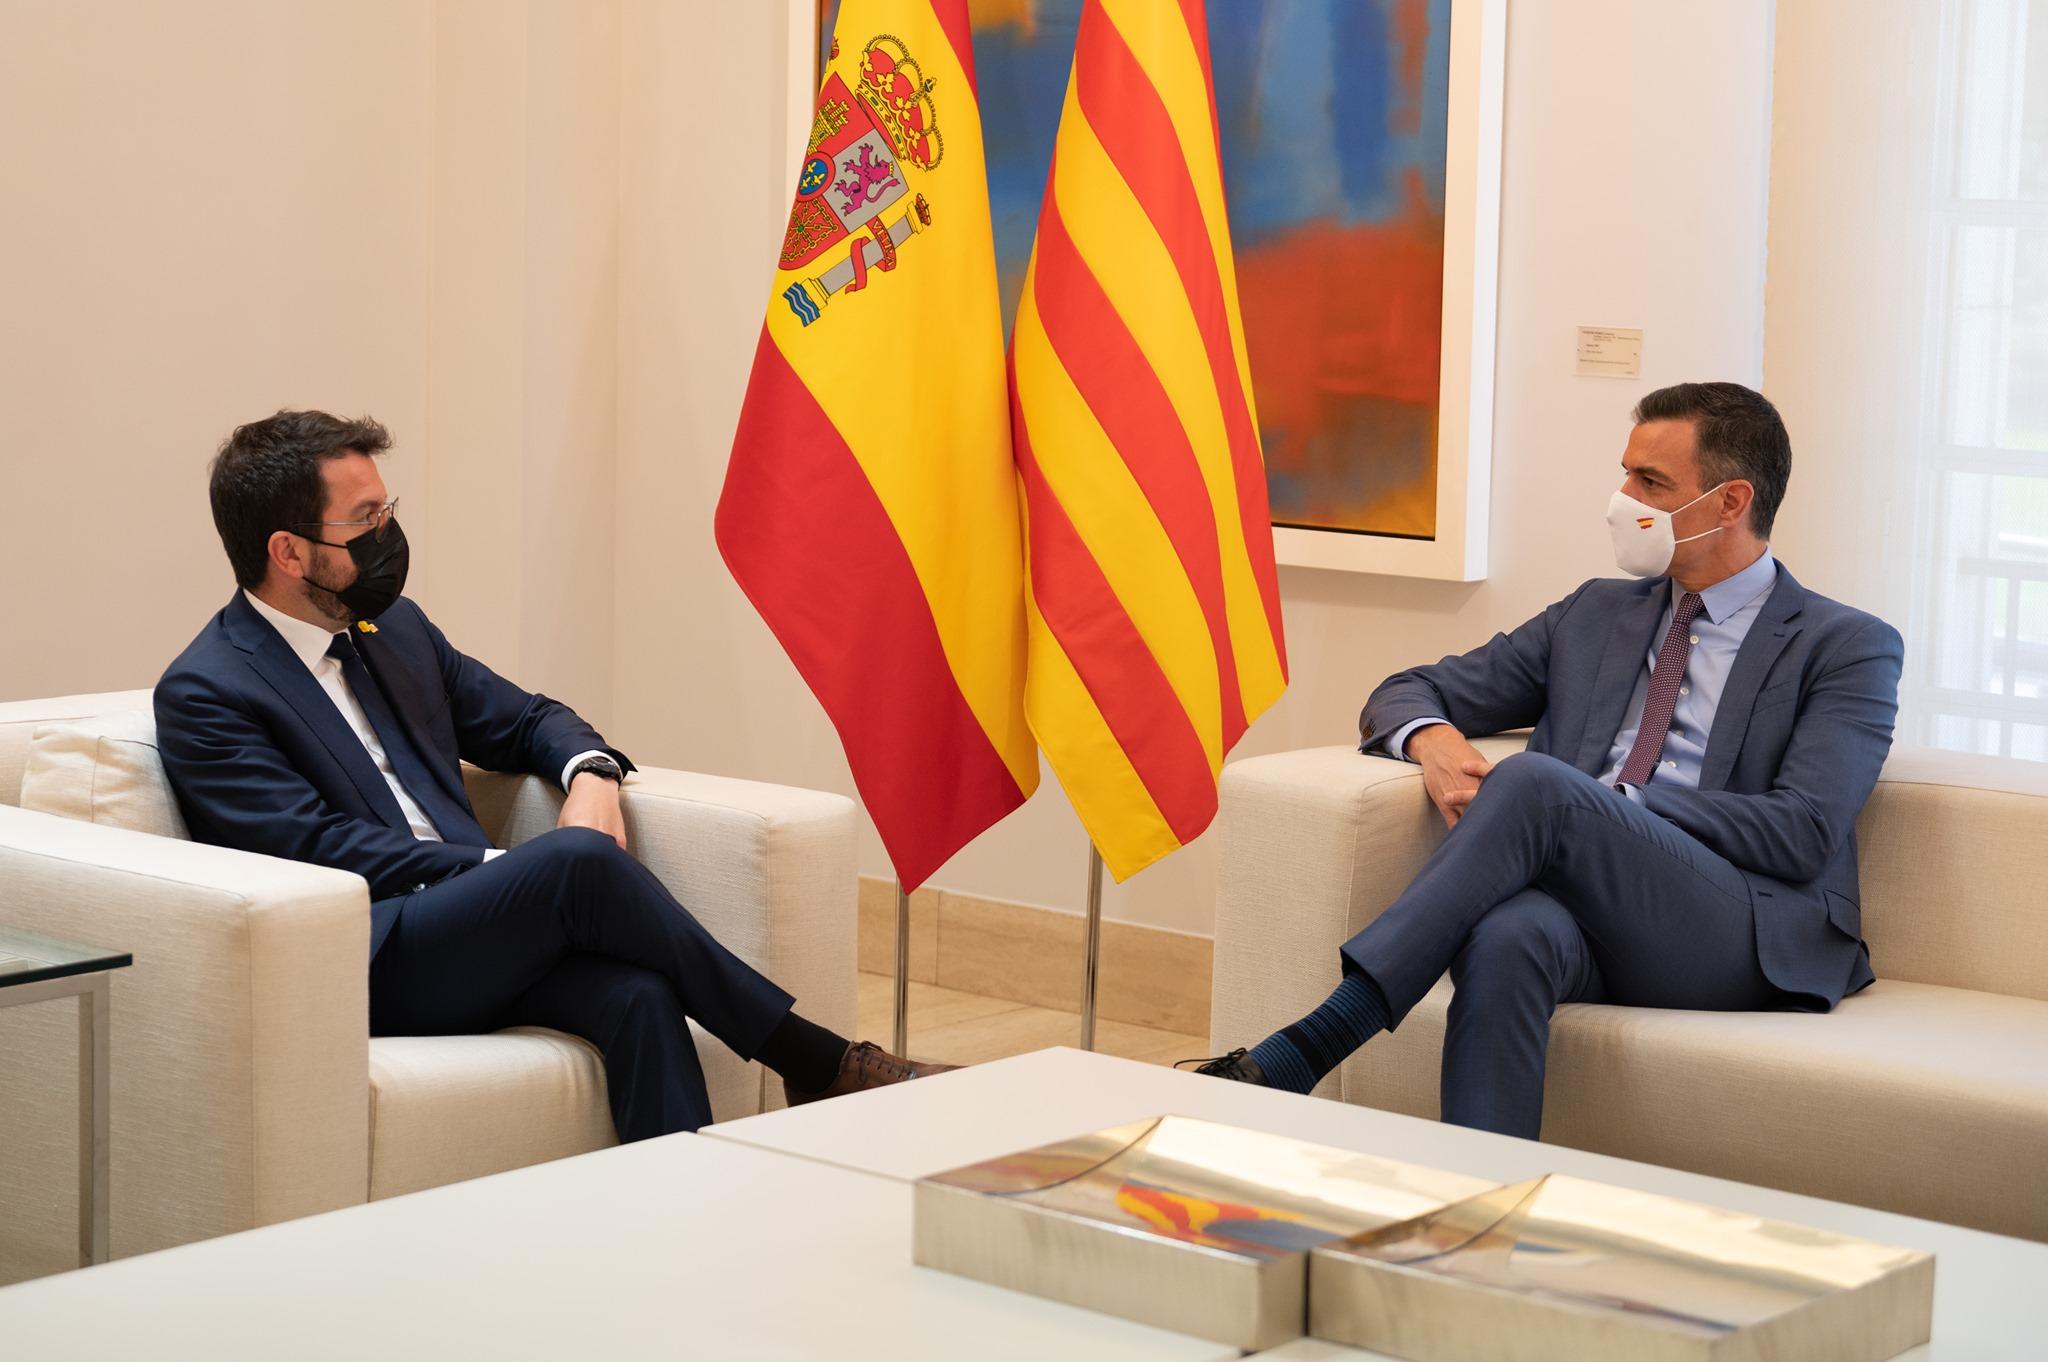 El presidente catalán Pere Aragonas (izquierda) y el primer ministro español Pedro Sánchez (derecha) se dirigirán a Barcelona el 29 de junio.